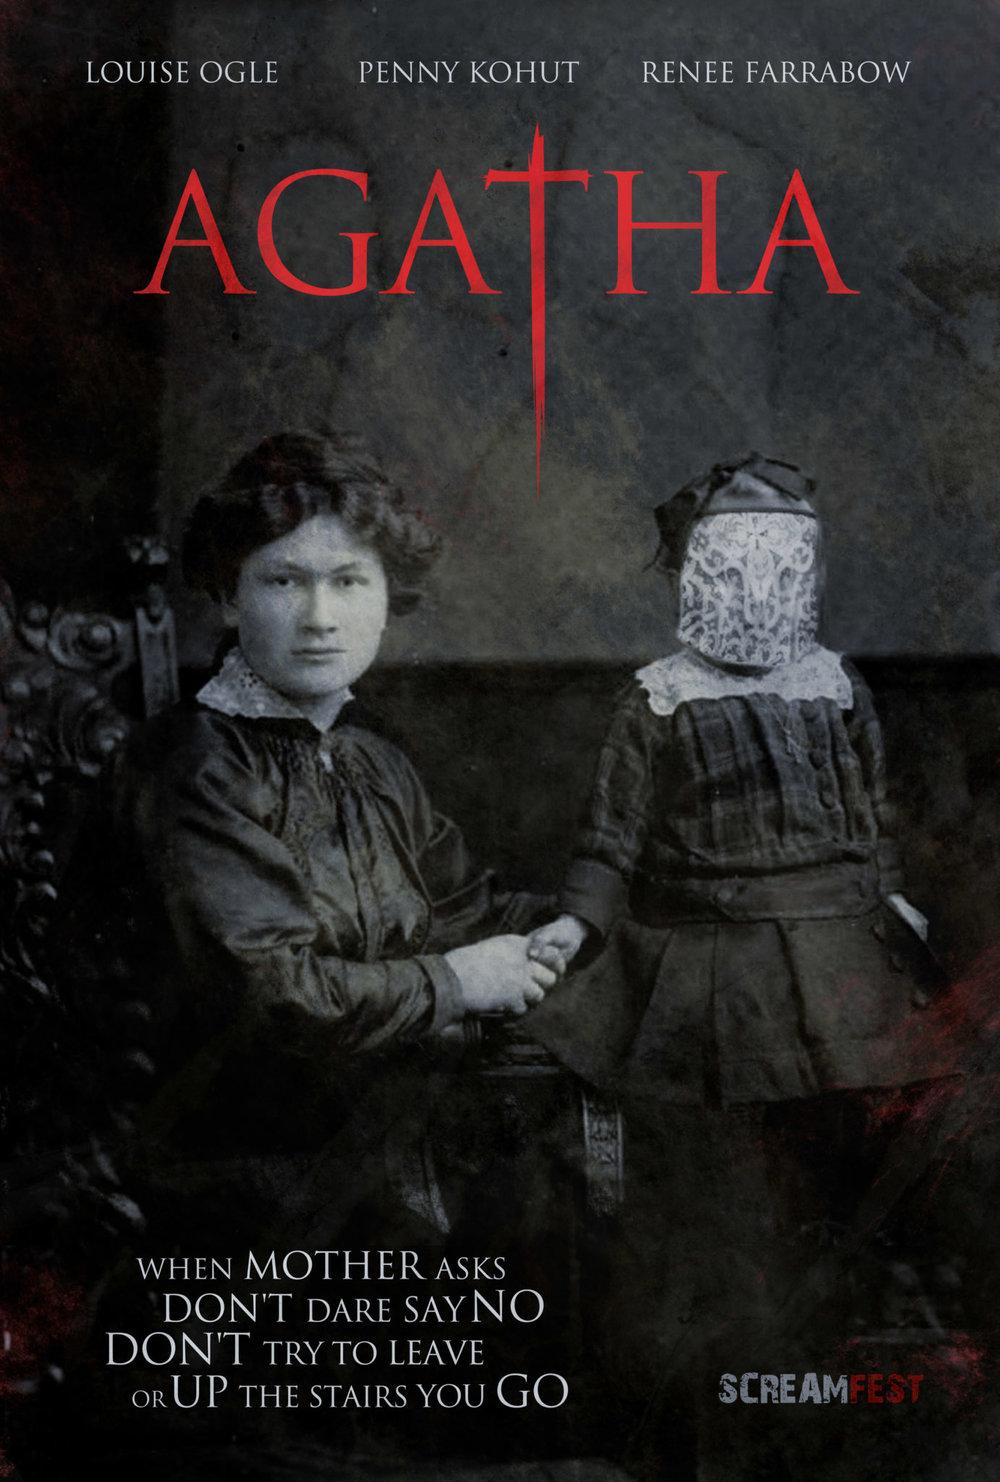 AGATHA-poster-final-12.jpg